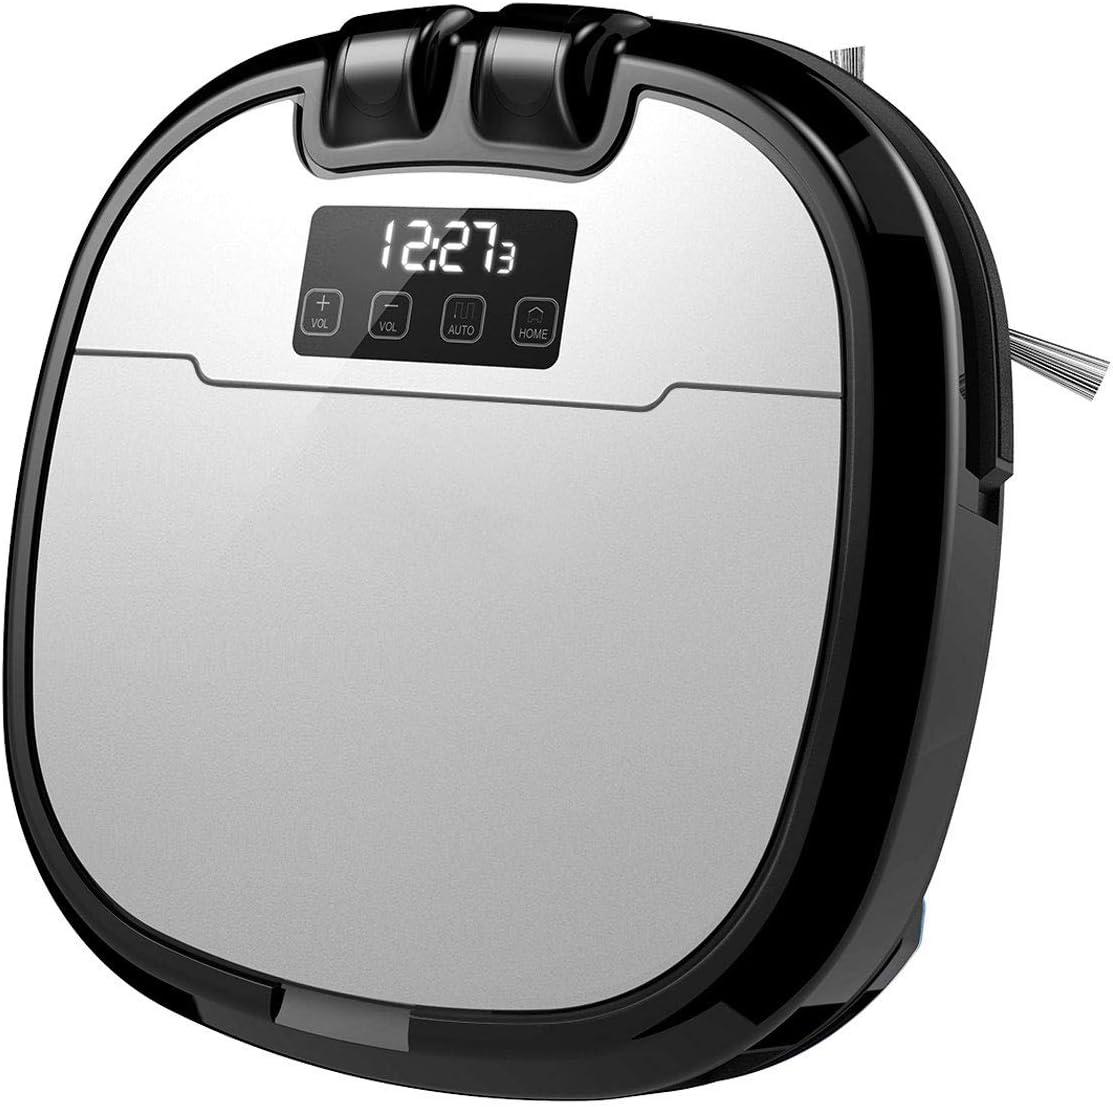 Robot Aspirador, Automáticas Horario Carga Limpieza Autodetección Aspiradora con Cámara Incorporada, App, Control Remoto para Alfombras Y Pisos Duros para Cabello Ascotas: Amazon.es: Deportes y aire libre